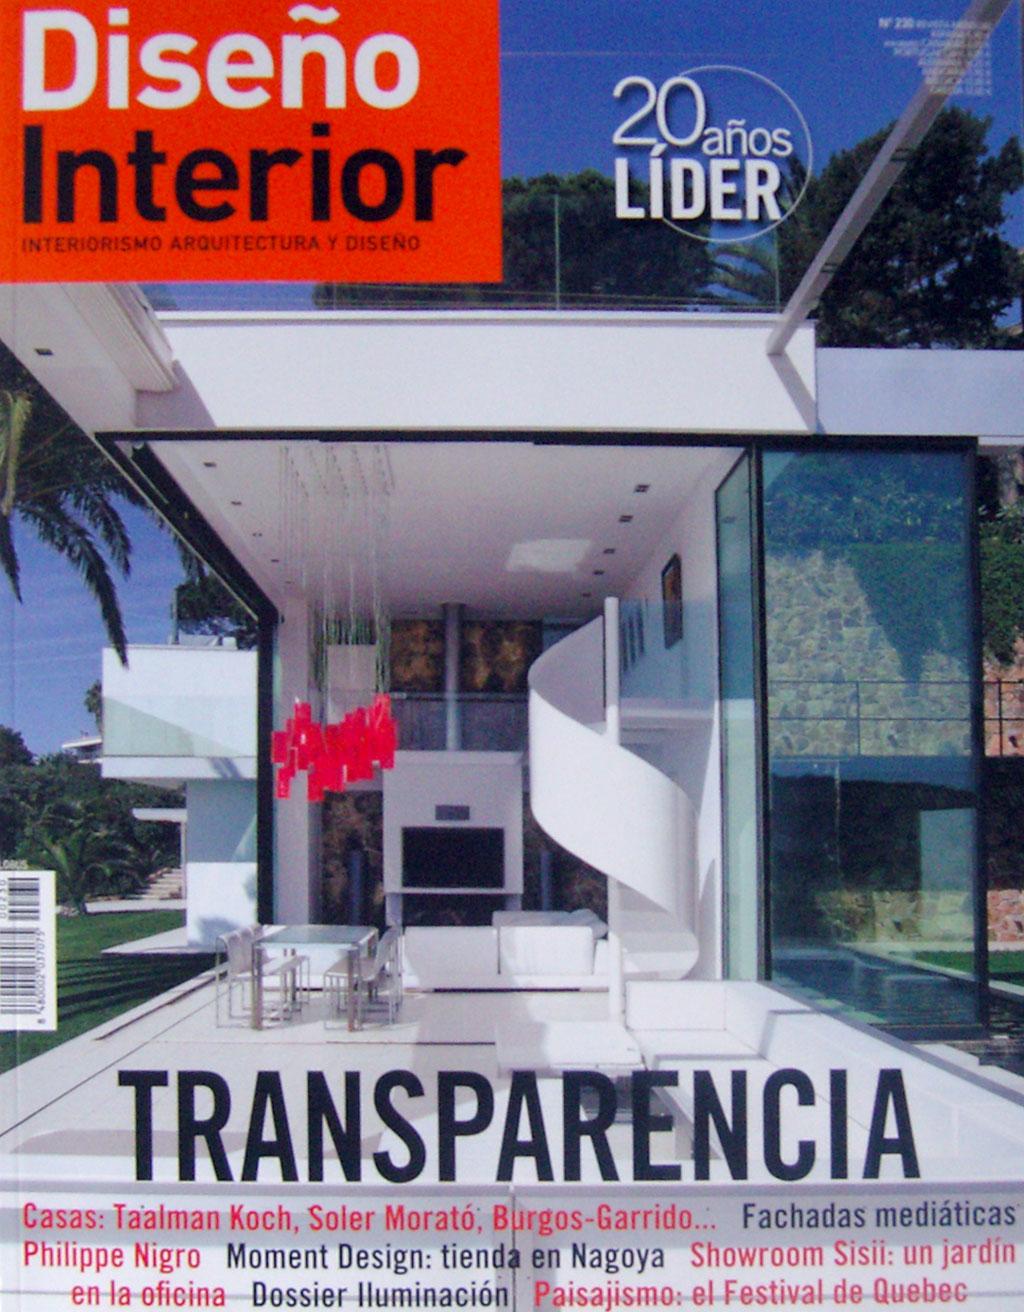 Diseño Interior nr.230